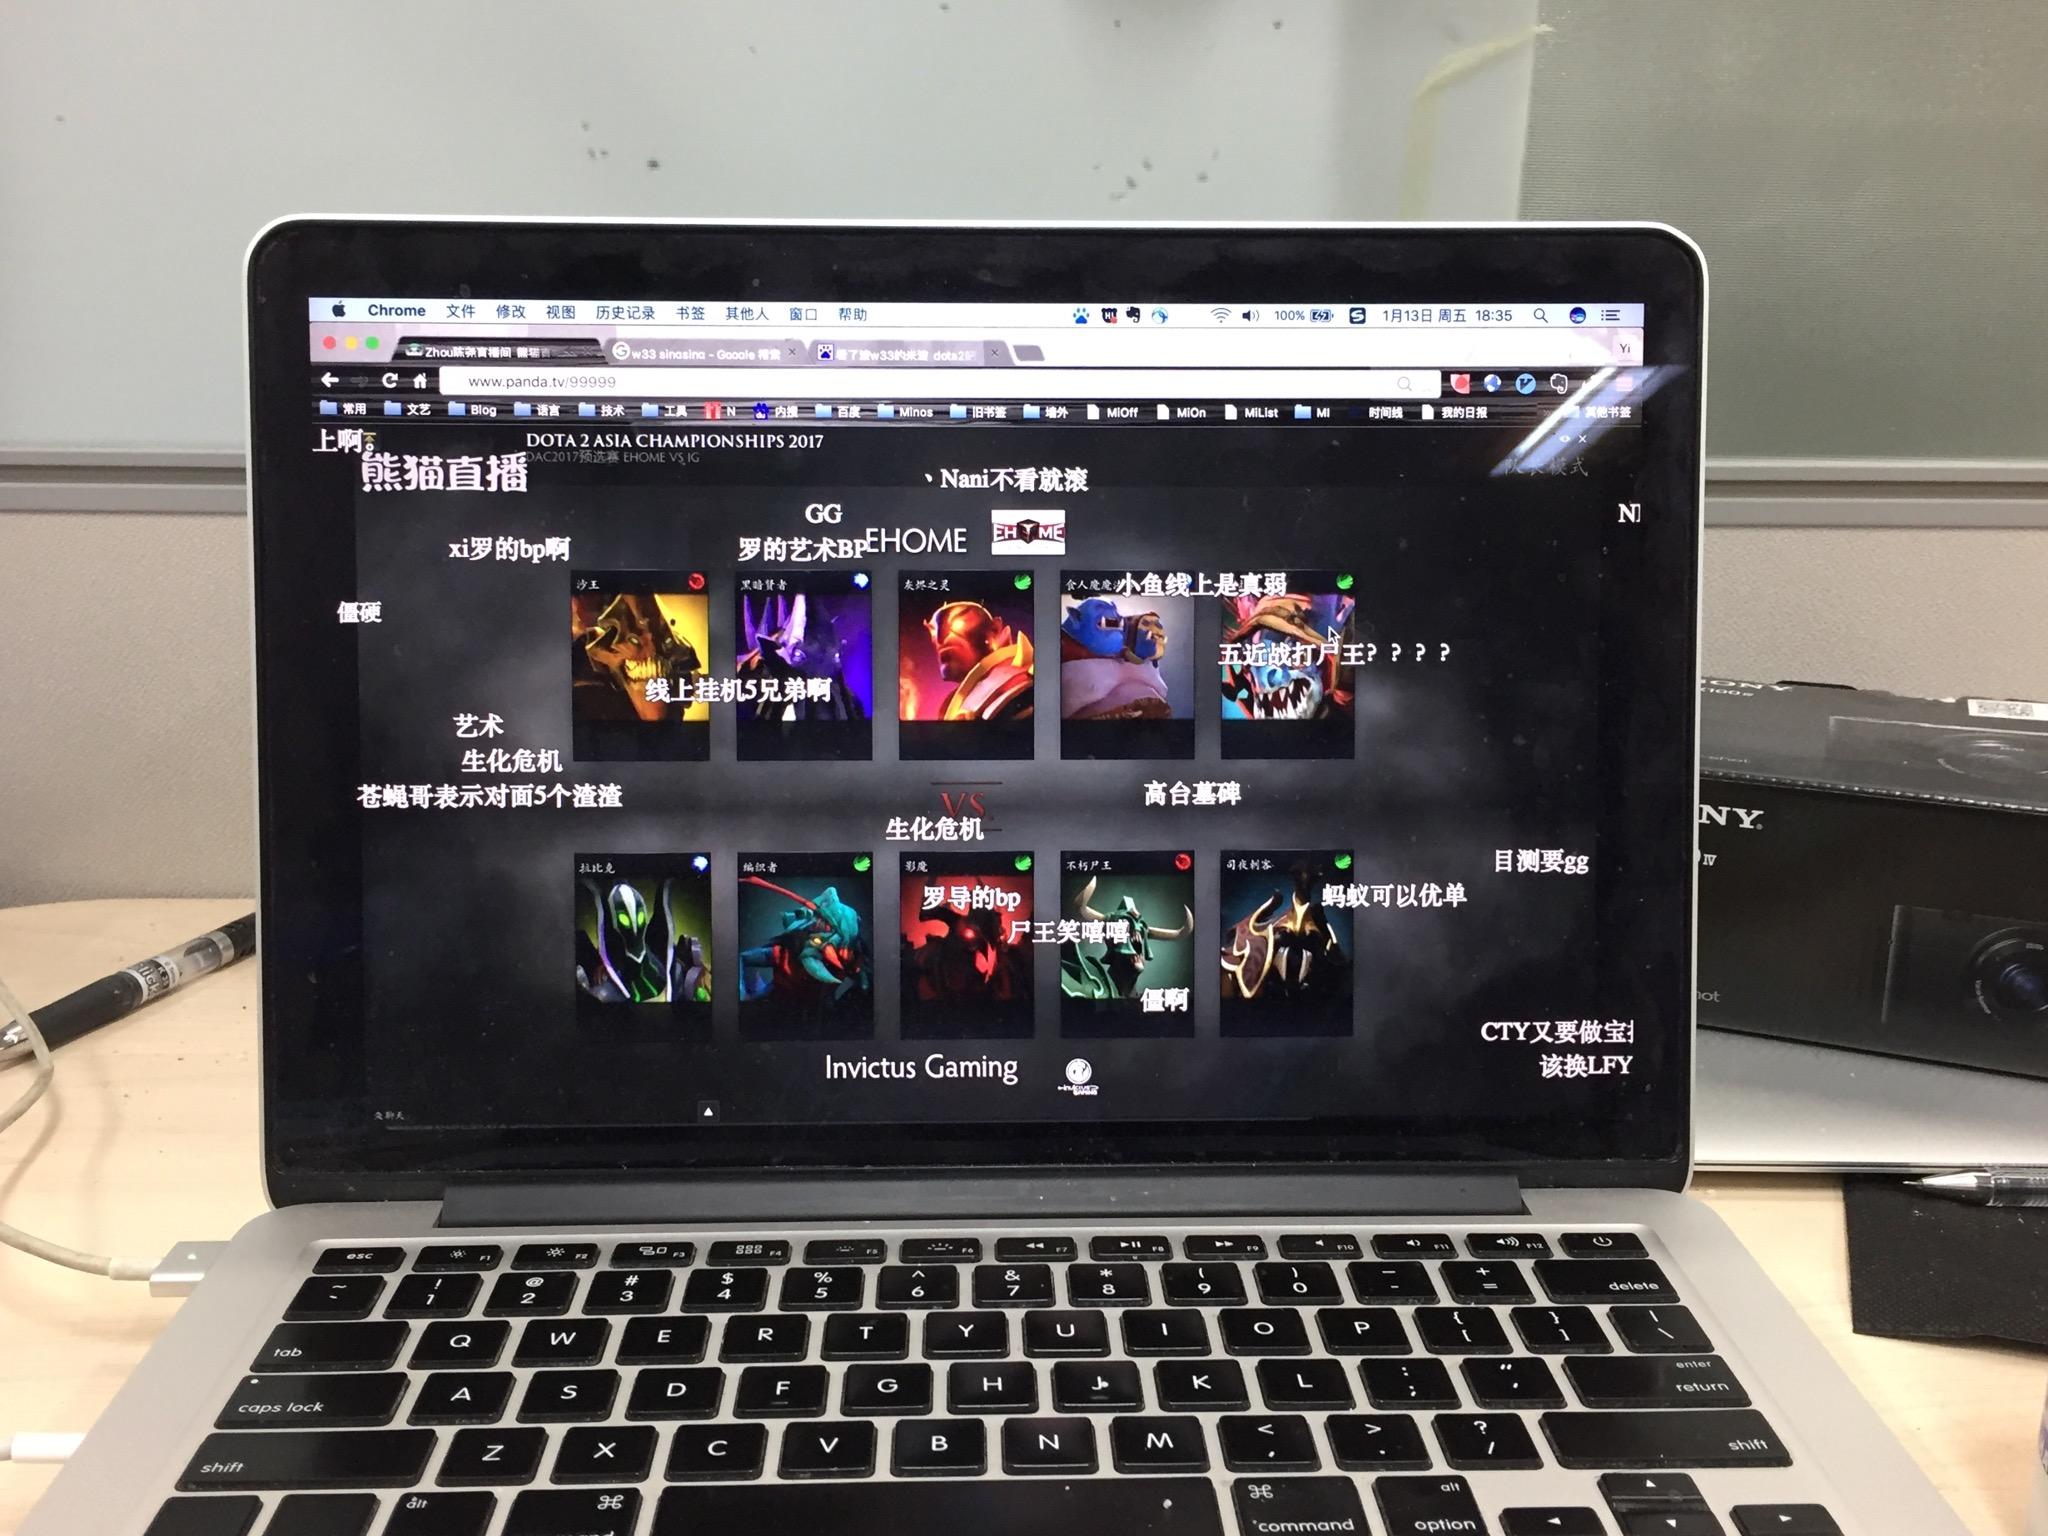 春节前在公司看DAC中国区预选赛